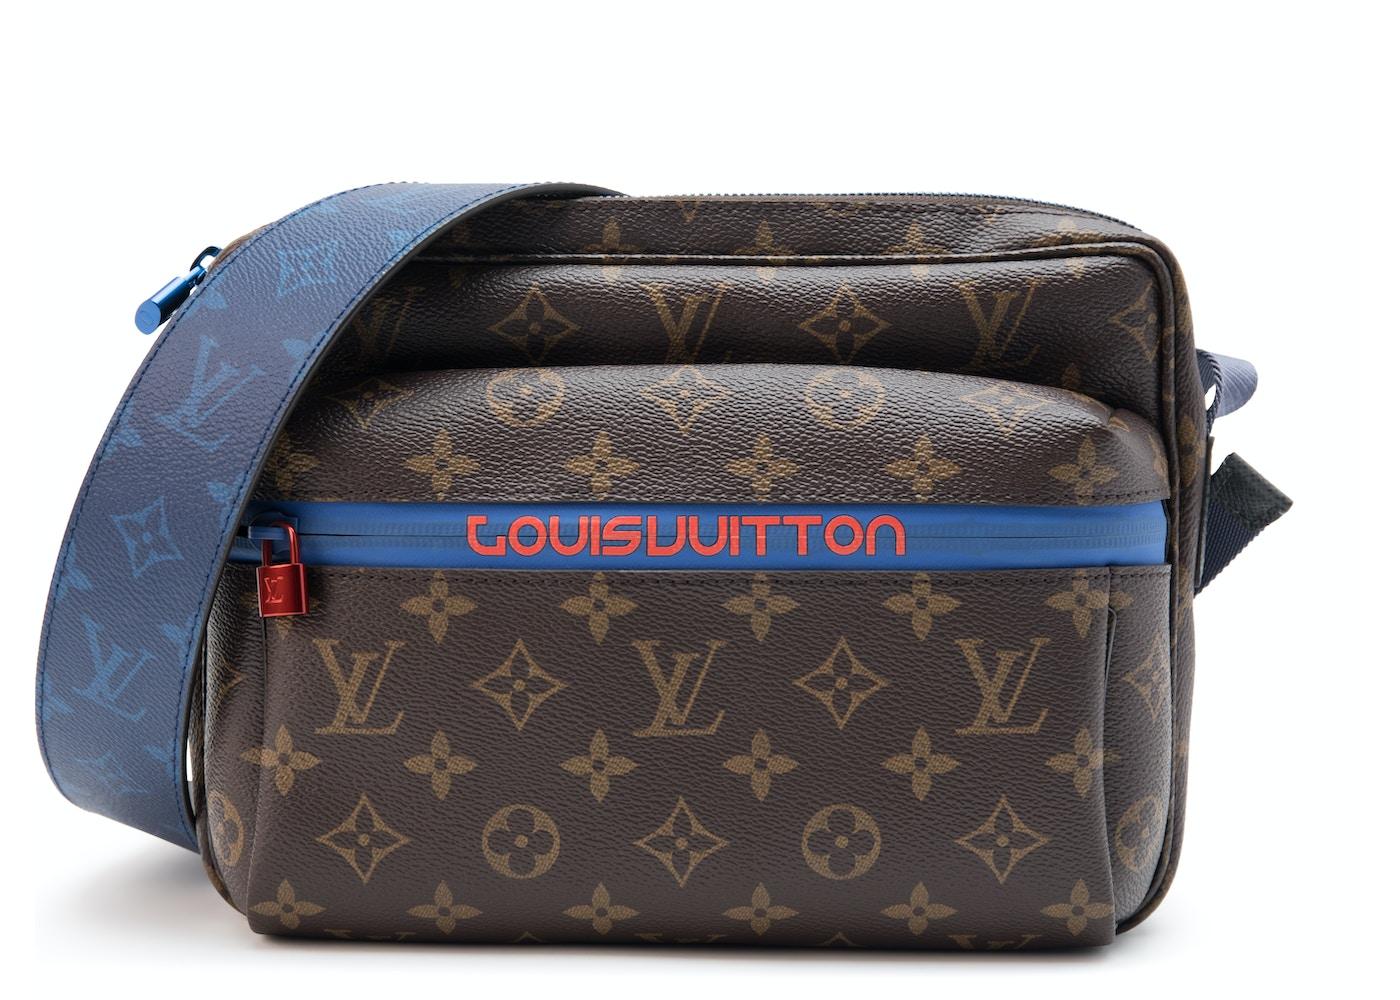 e60995c0883d Louis Vuitton Messenger Monogram Outdoor PM Brown Blue